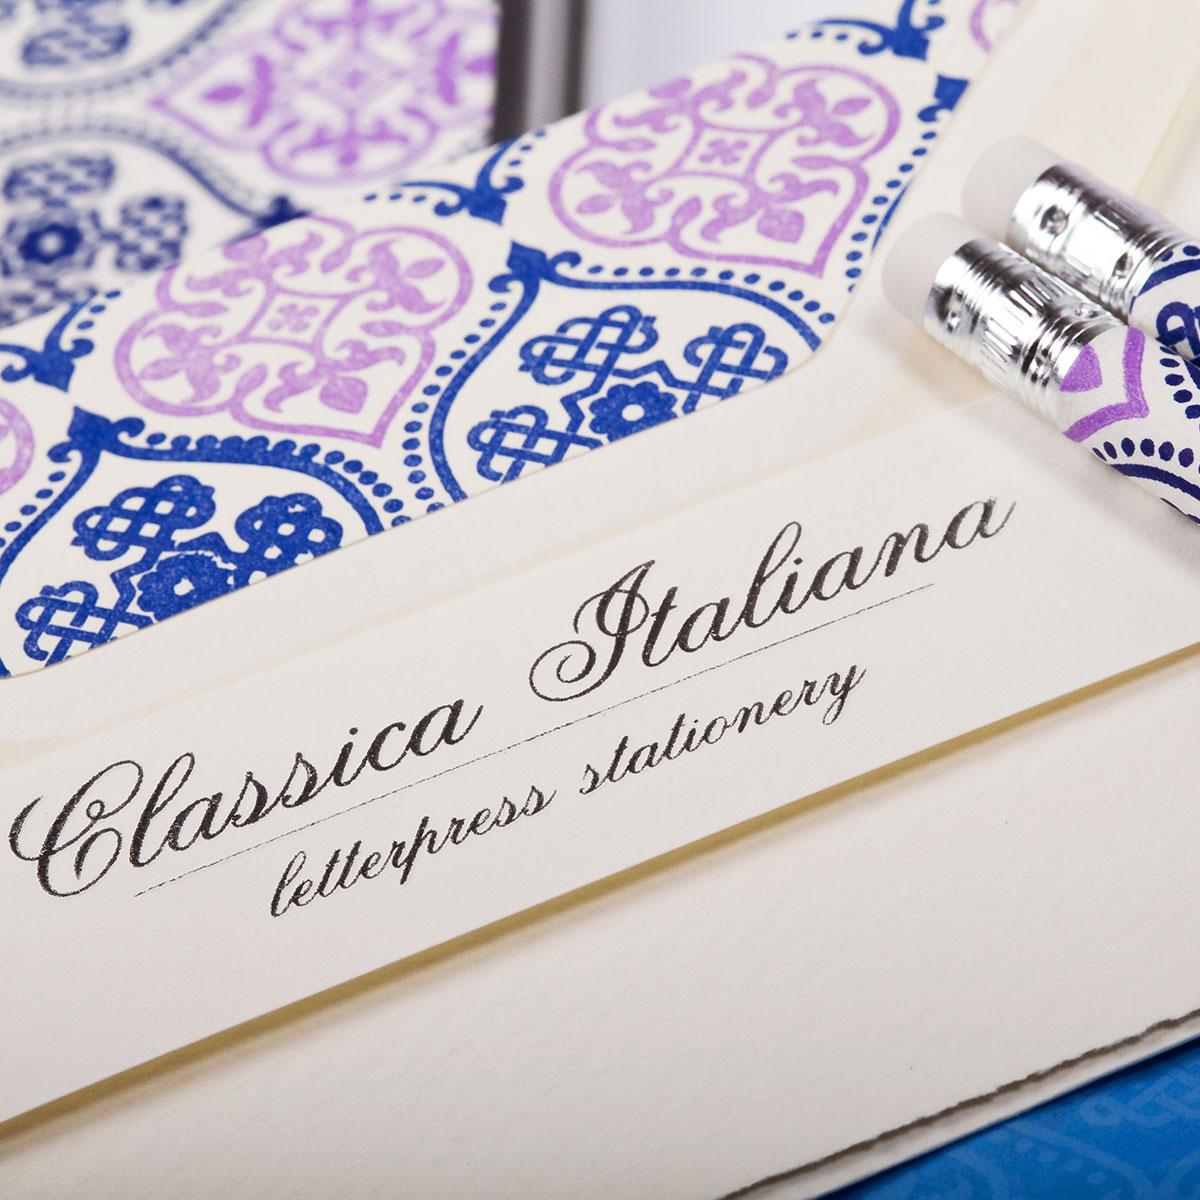 Carta italiana tipografica con disegni rosa e blu